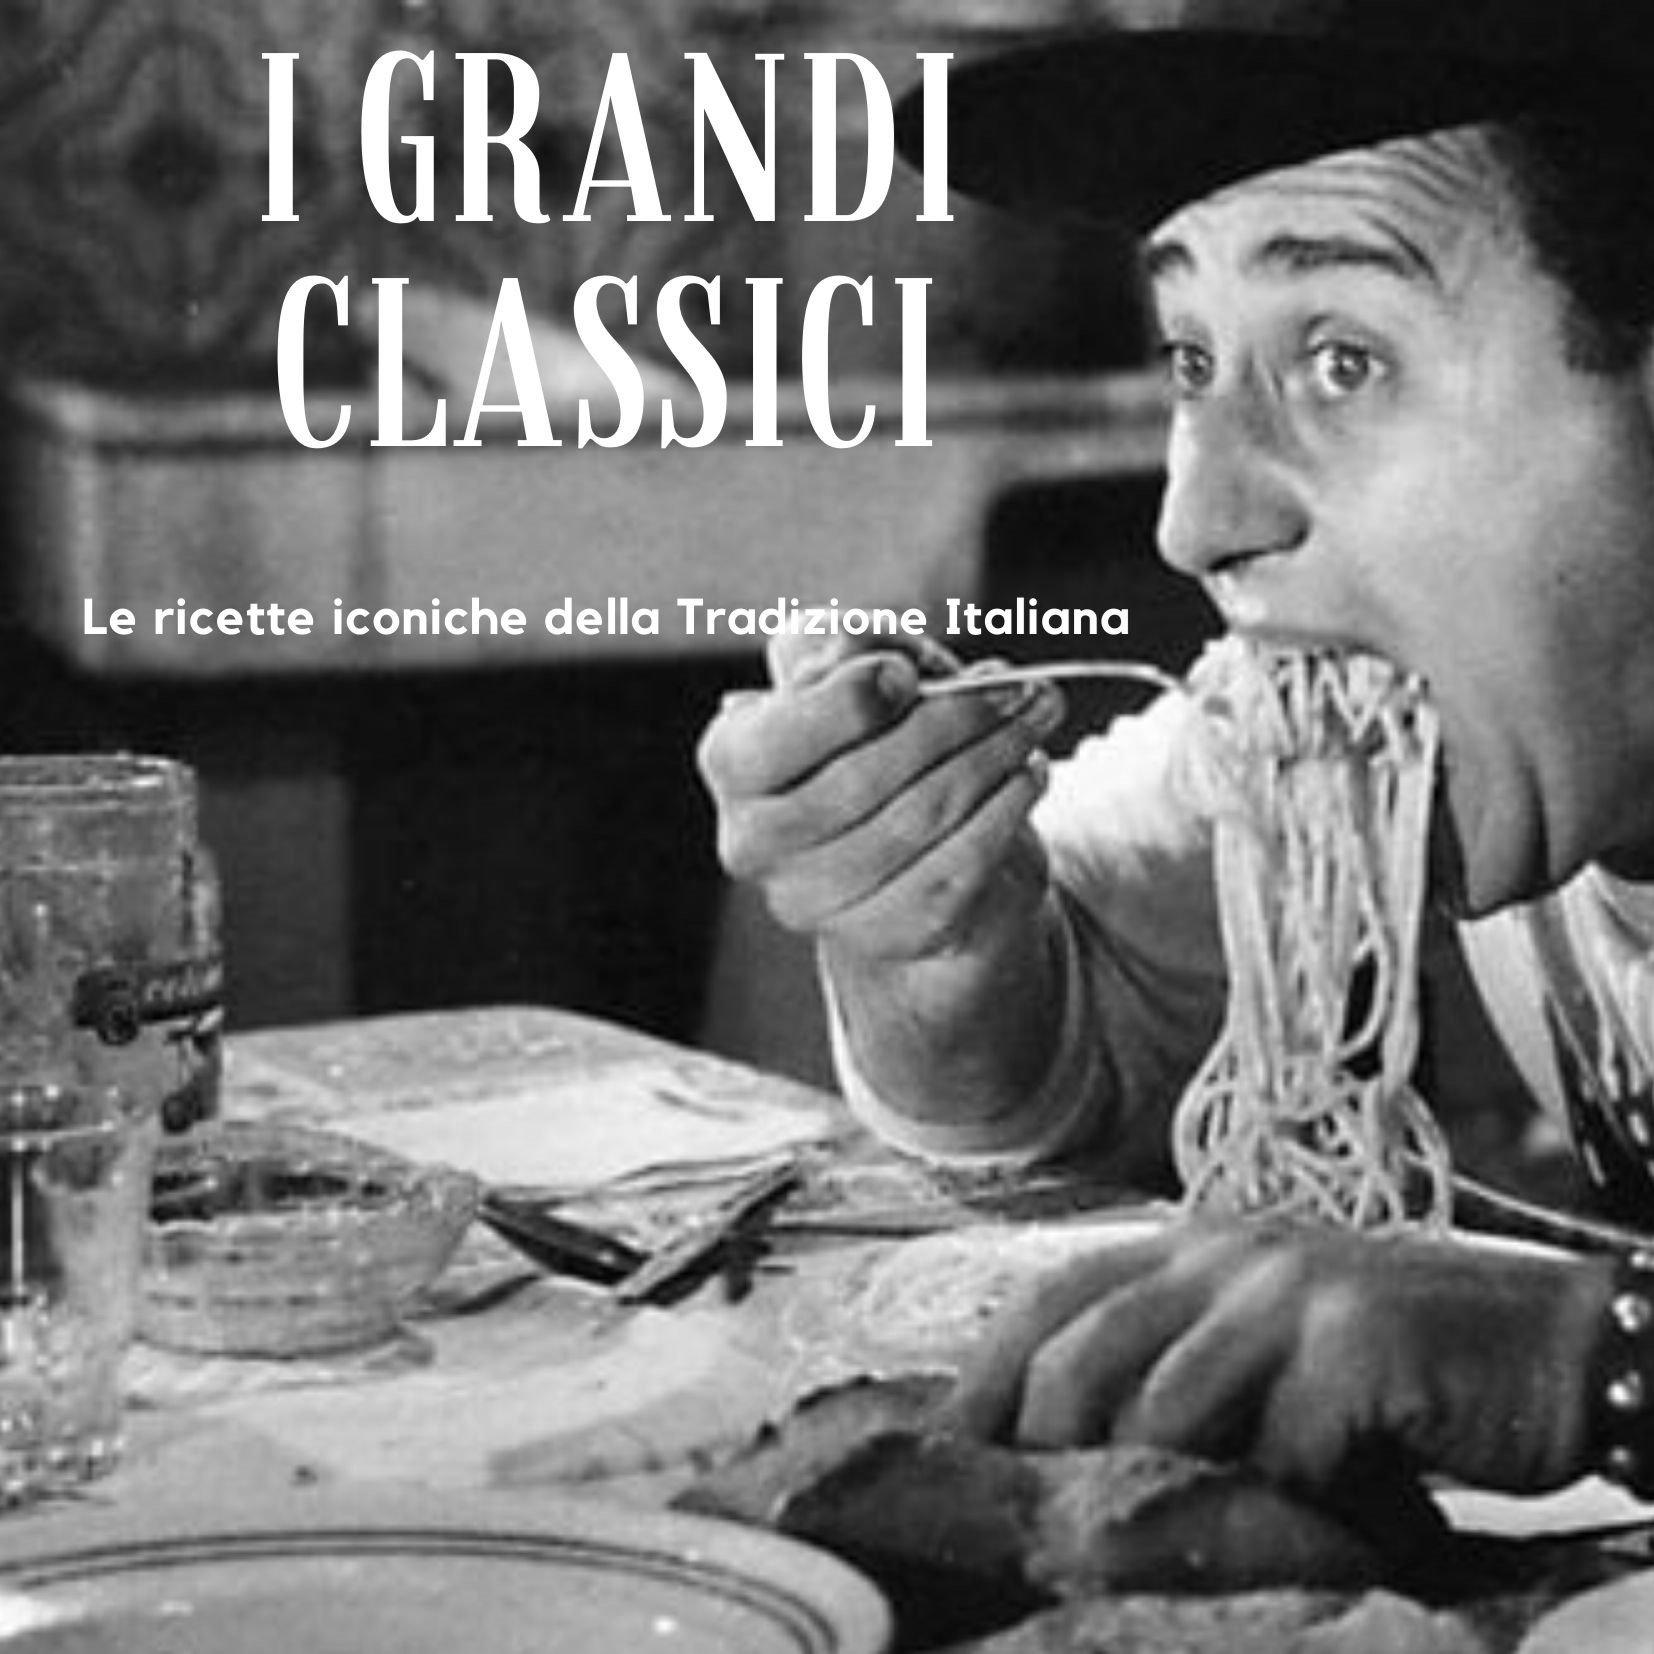 I Grandi Classici - Masterclass dedicate alle ricette iconiche della Tradizione Italiana